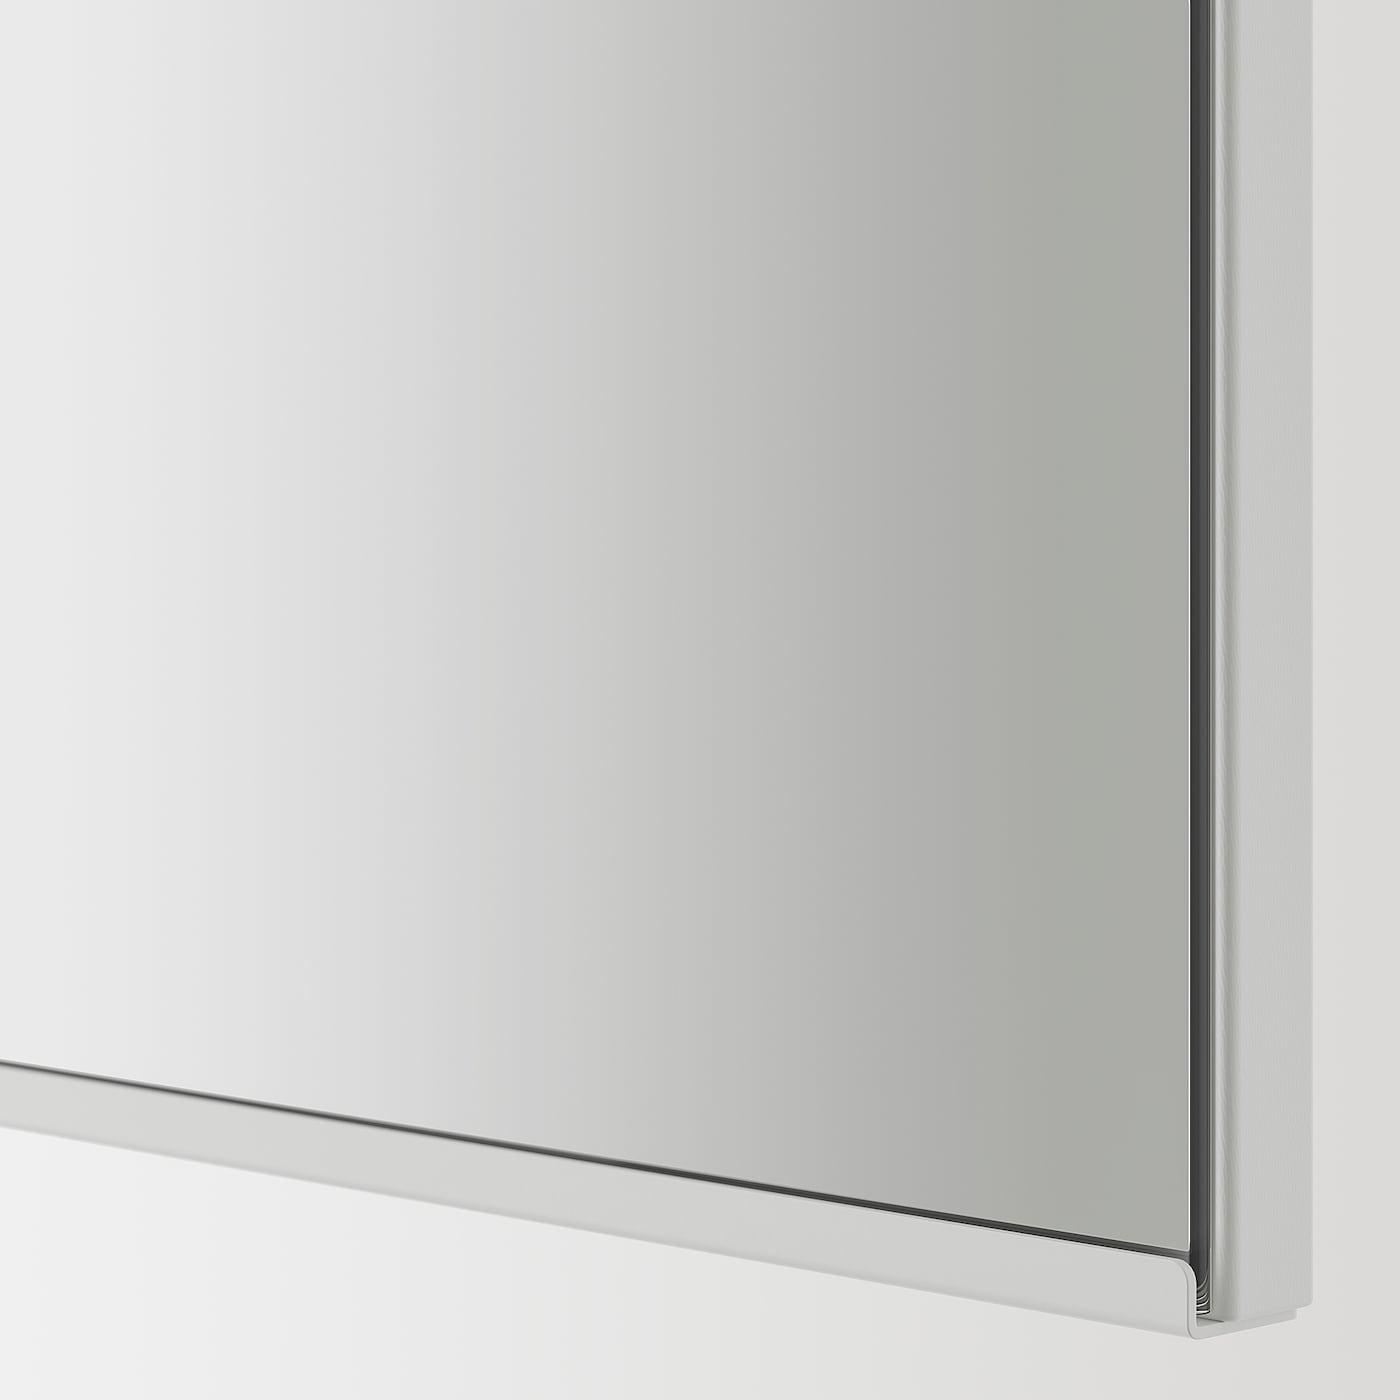 ENHET Spejlskab med 1 låge, hvid, 40x17x75 cm